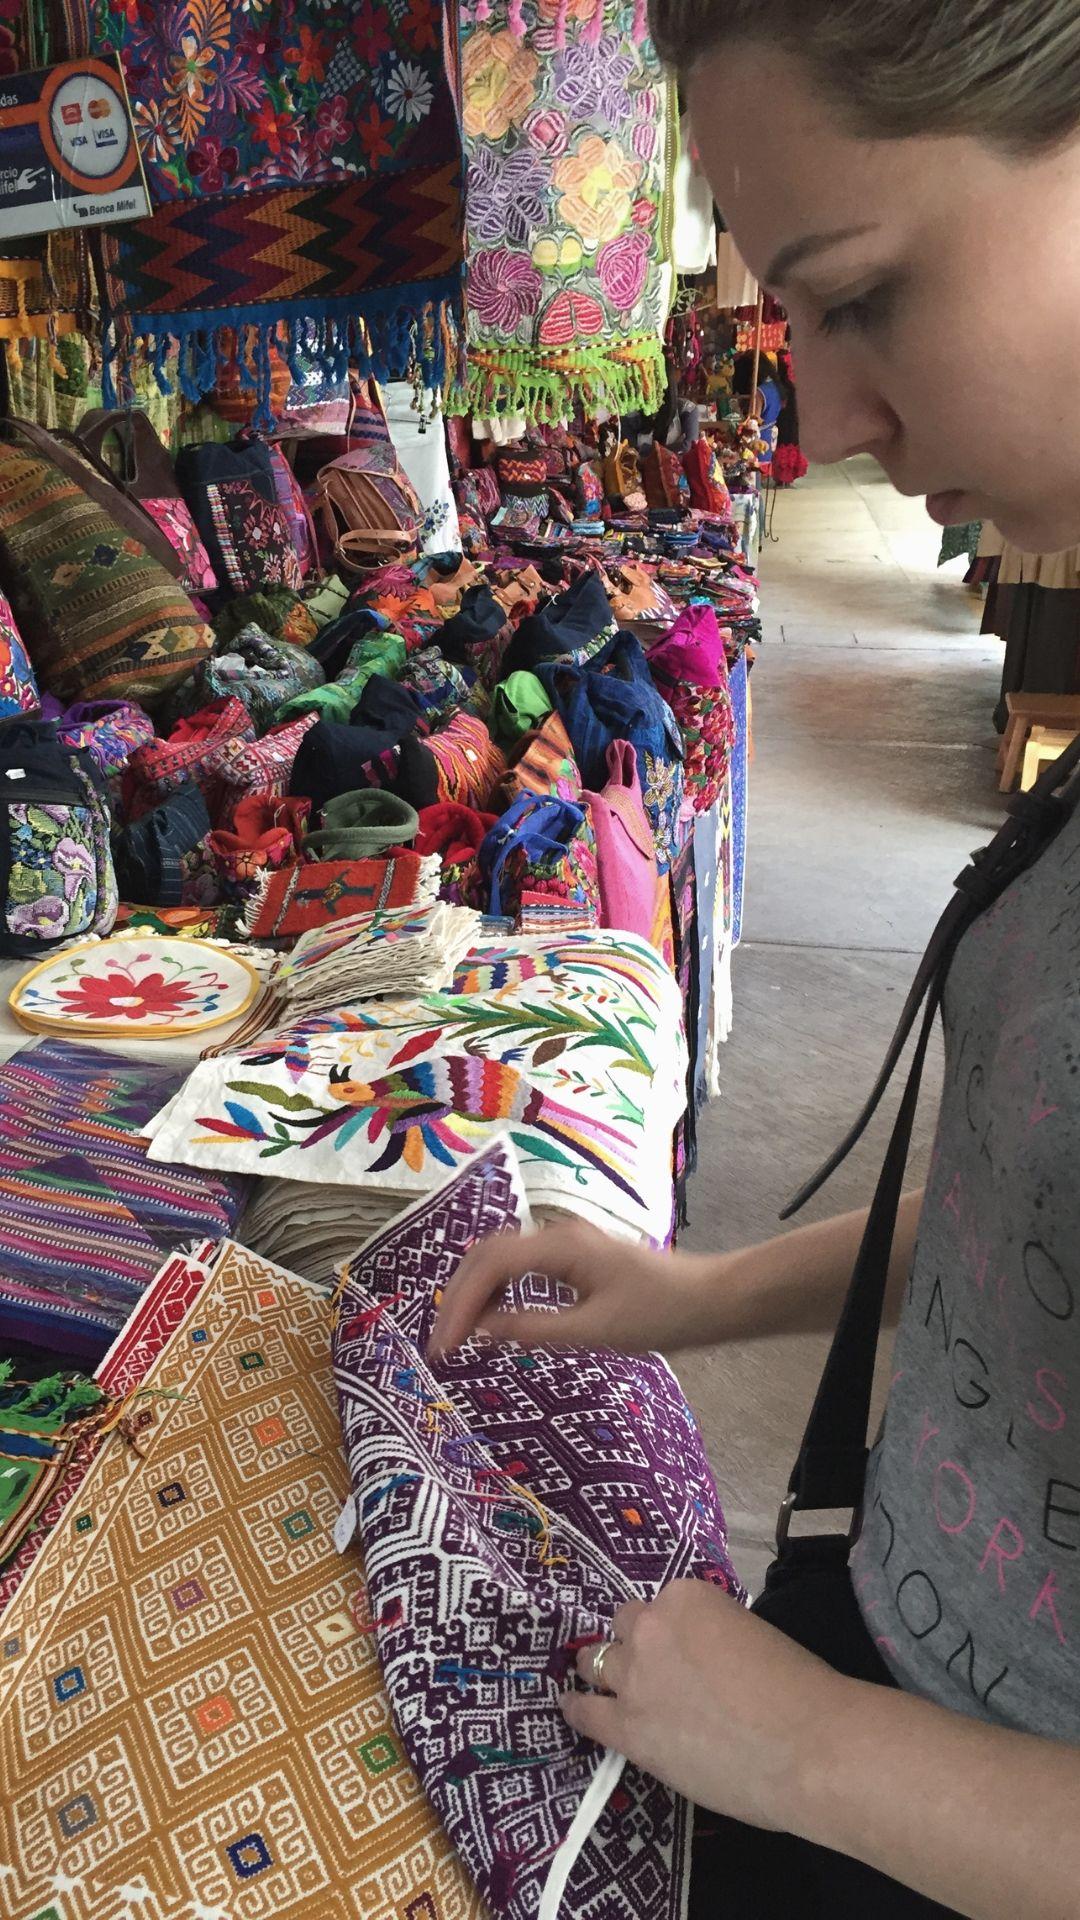 Fabi em uma feira de artesanato olhando toalhas